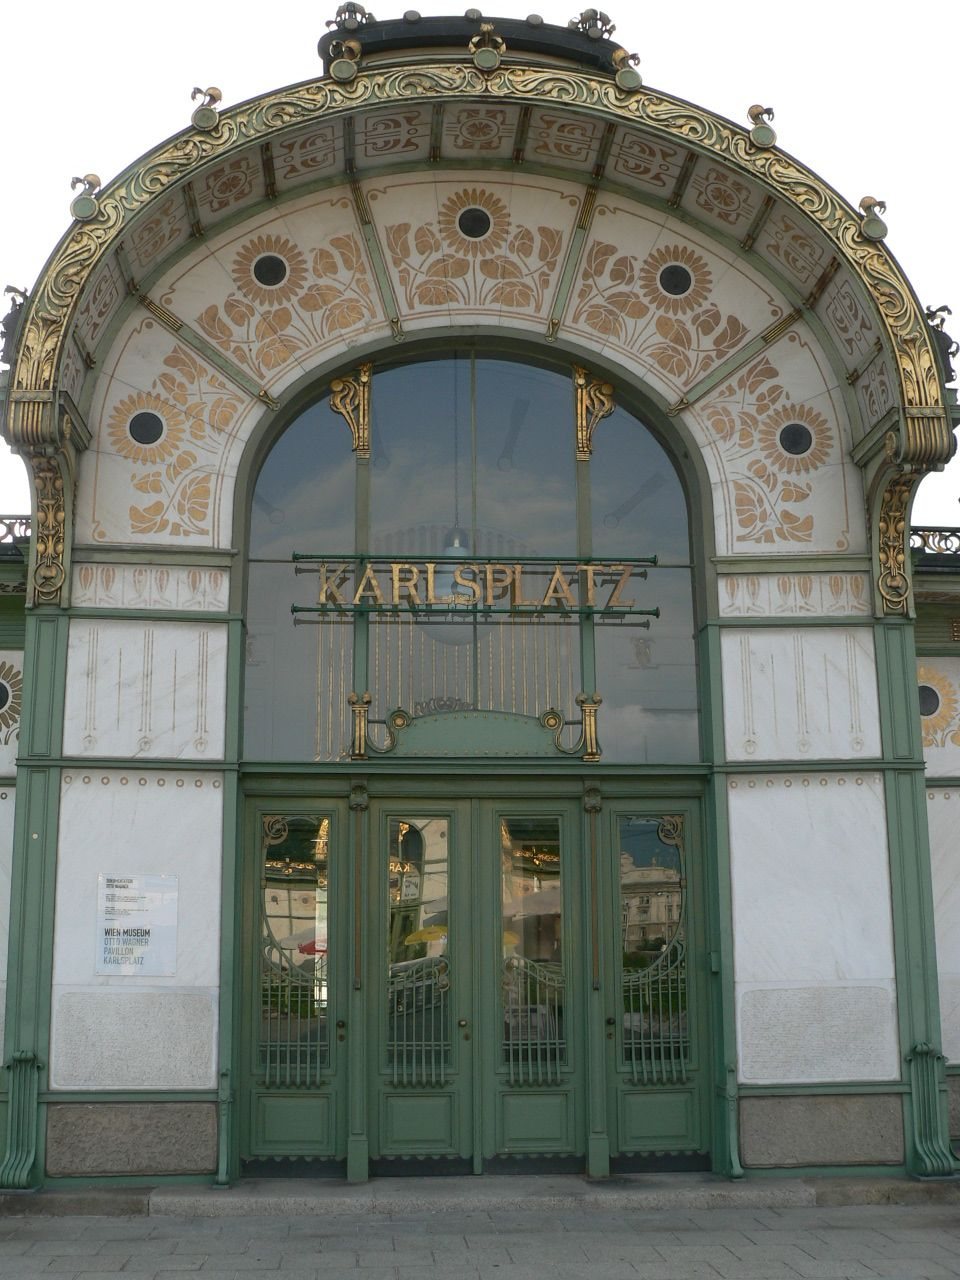 #Karlsplatz in #Vienna #austria